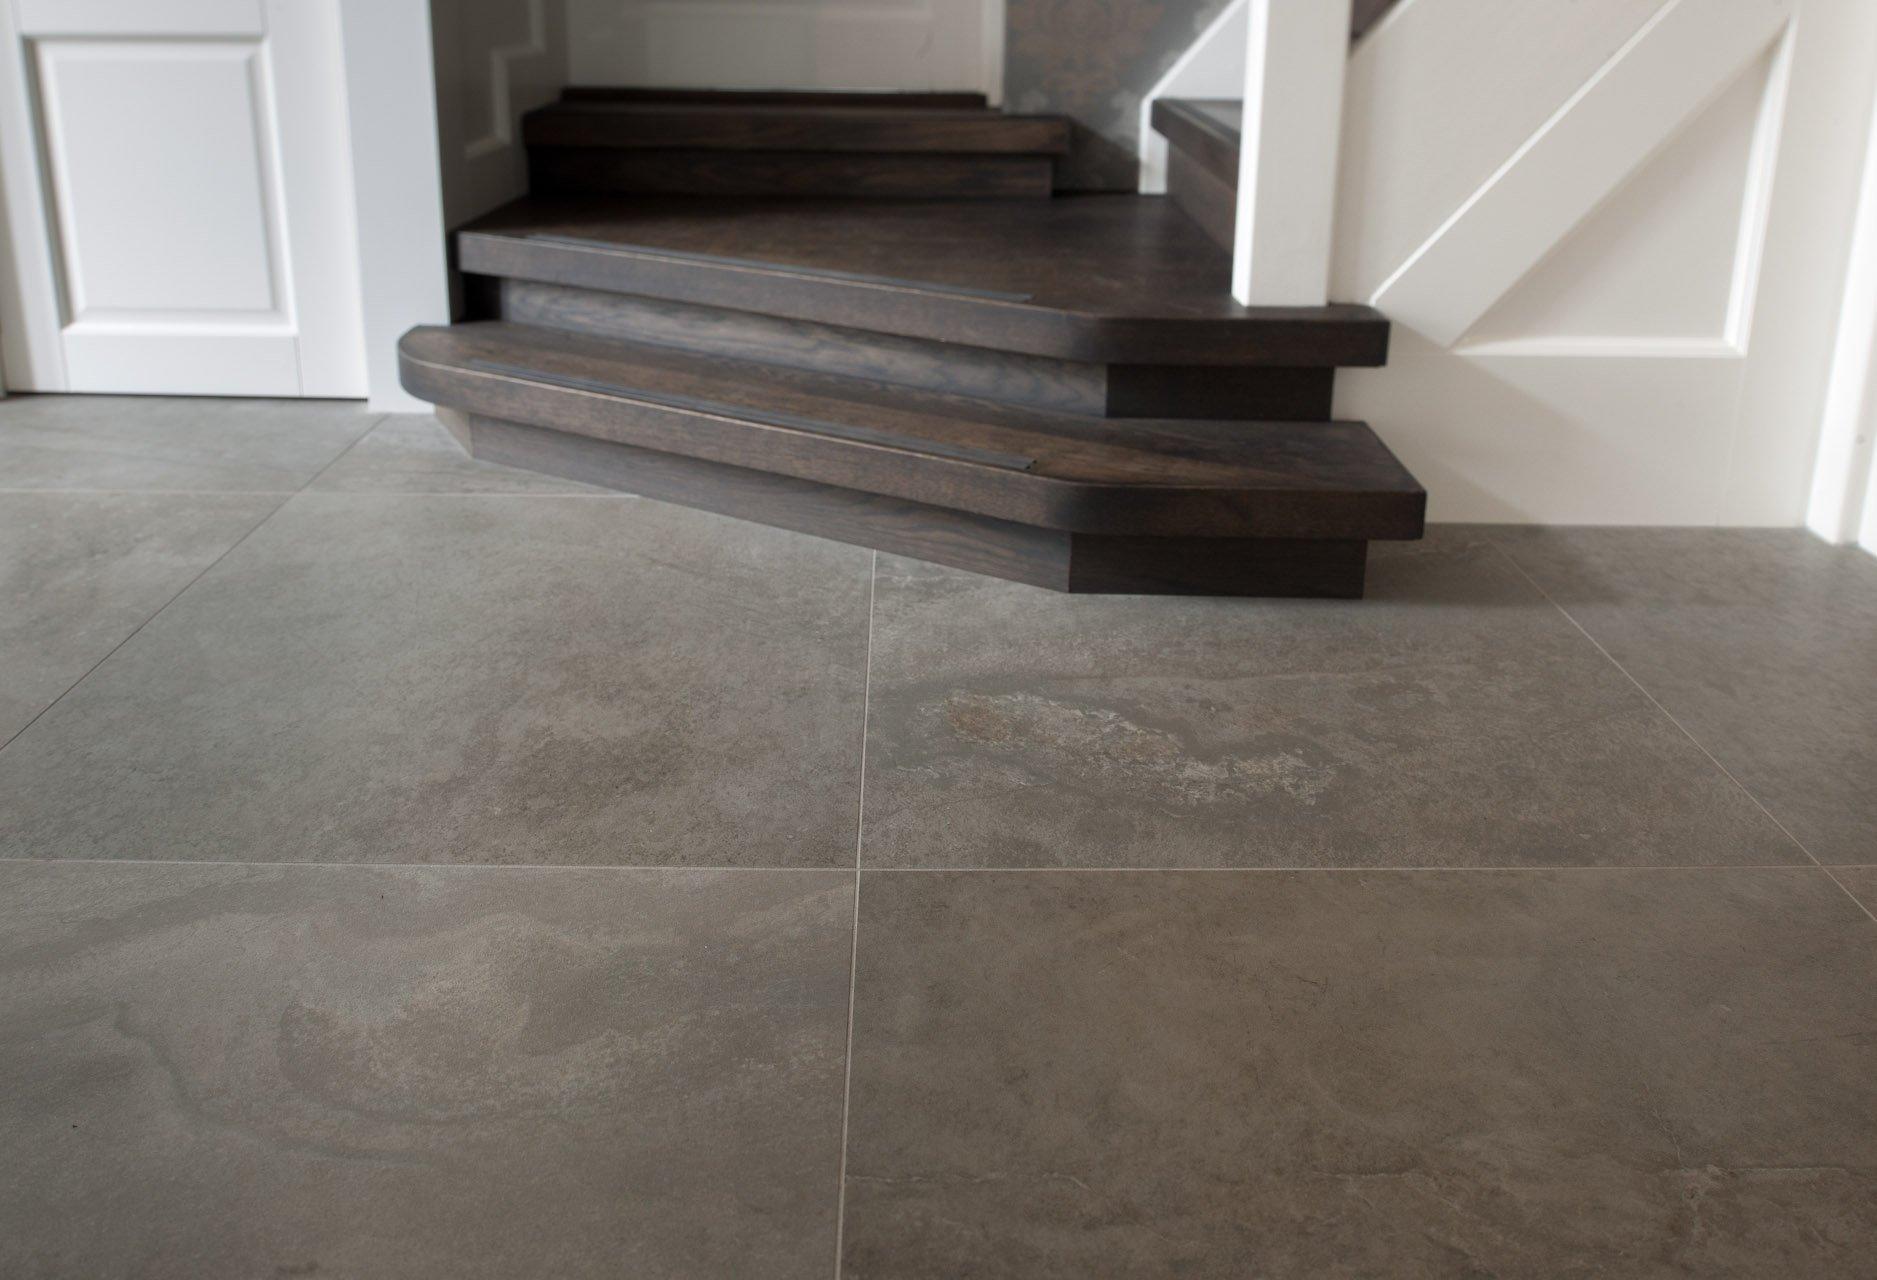 Grote tegels in hal en badkamer - KROON Vloeren in Steen